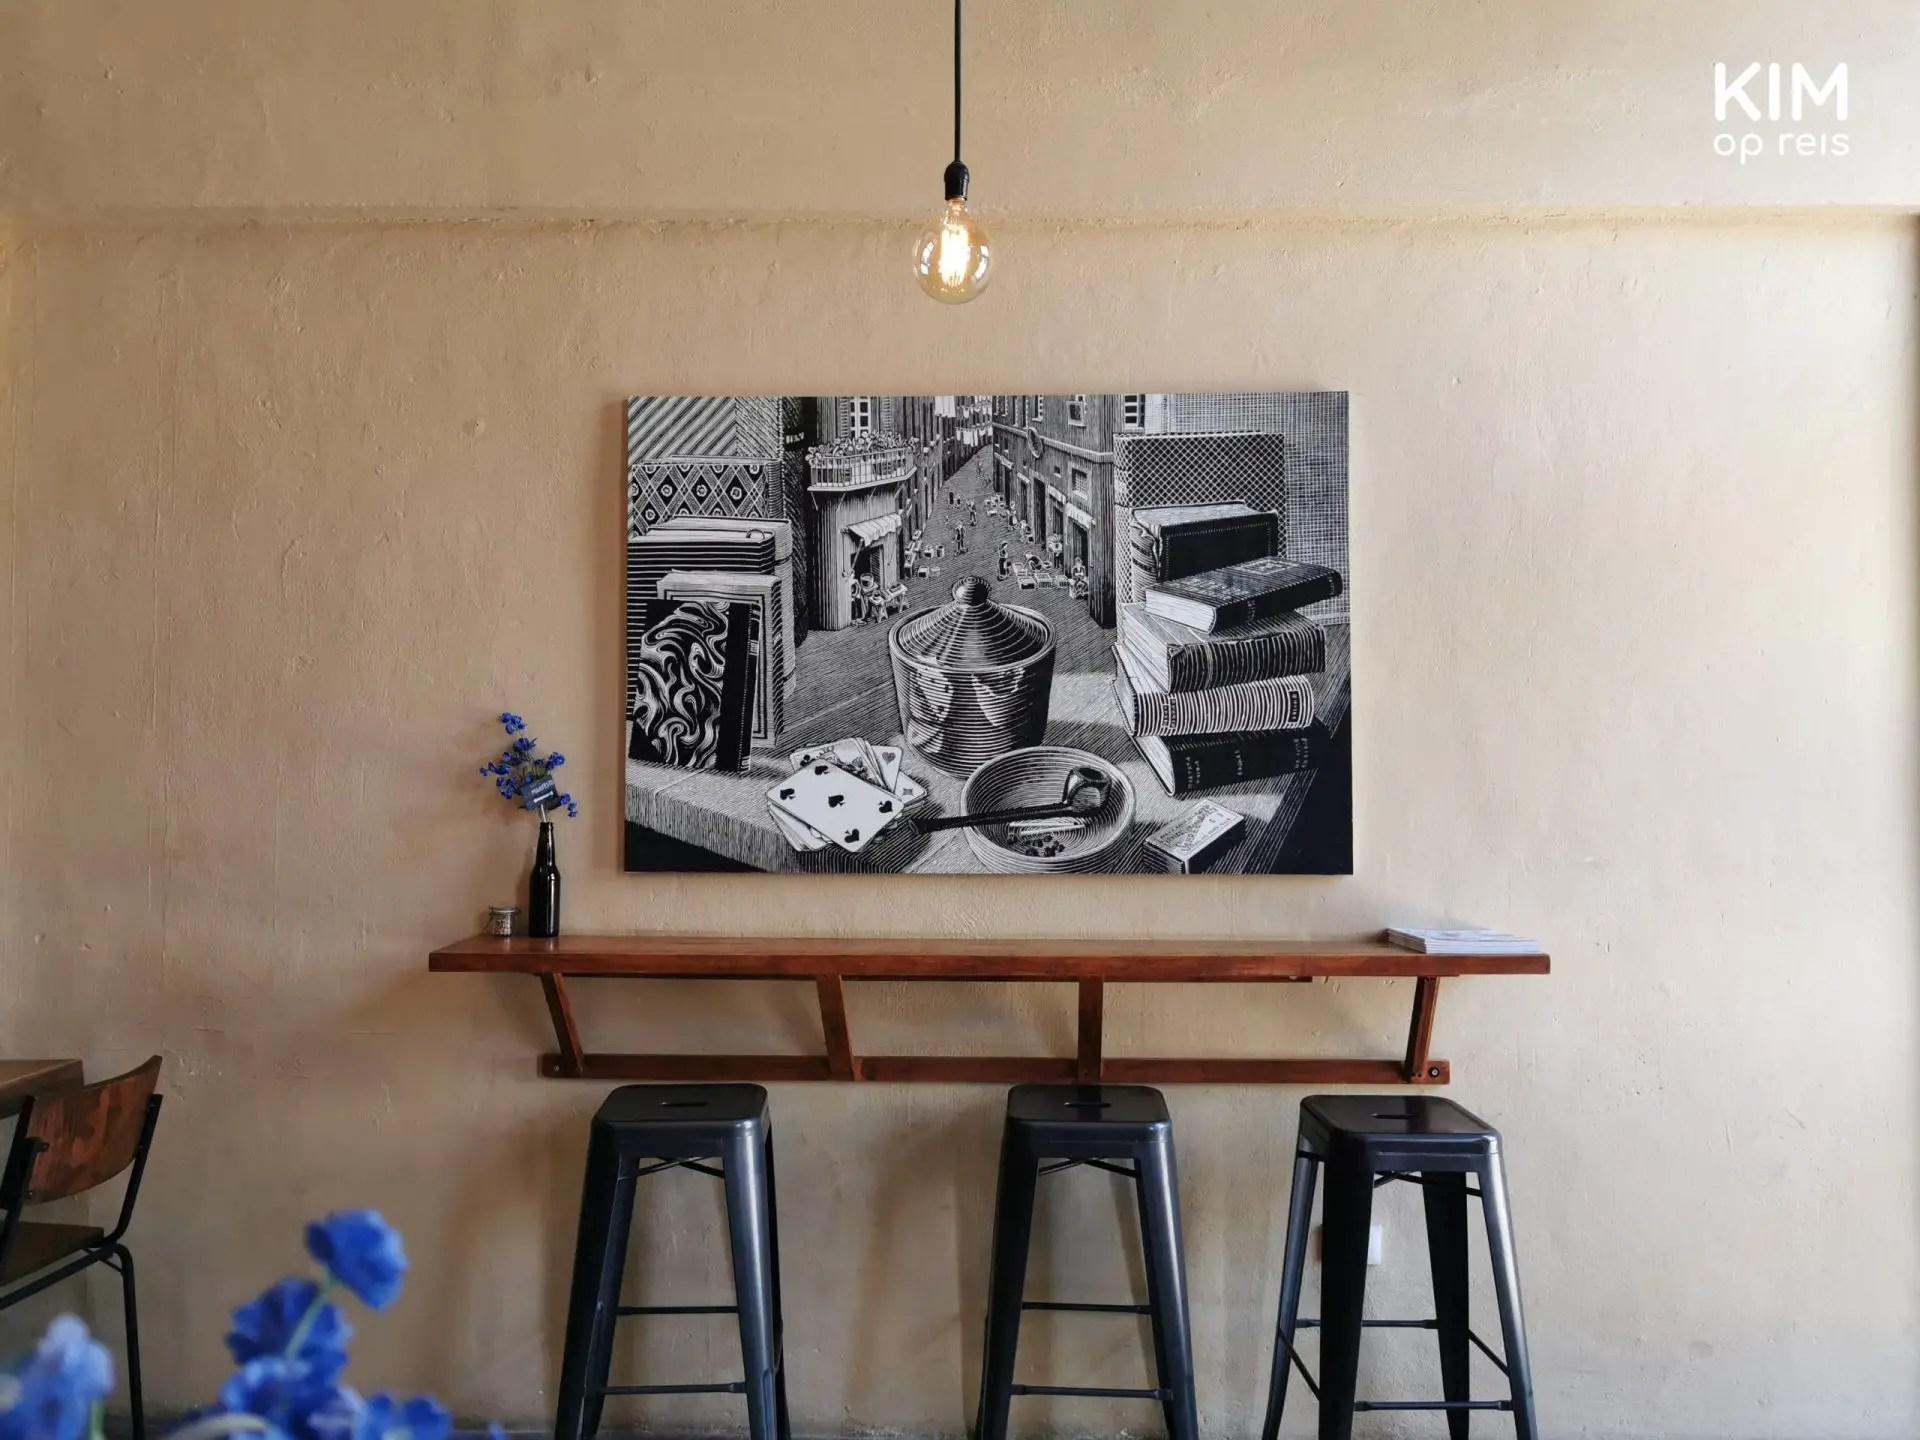 Interieur Manifesto koffiecafe: bartafel aan de muur met drie krukken en een zwart wit stilleven